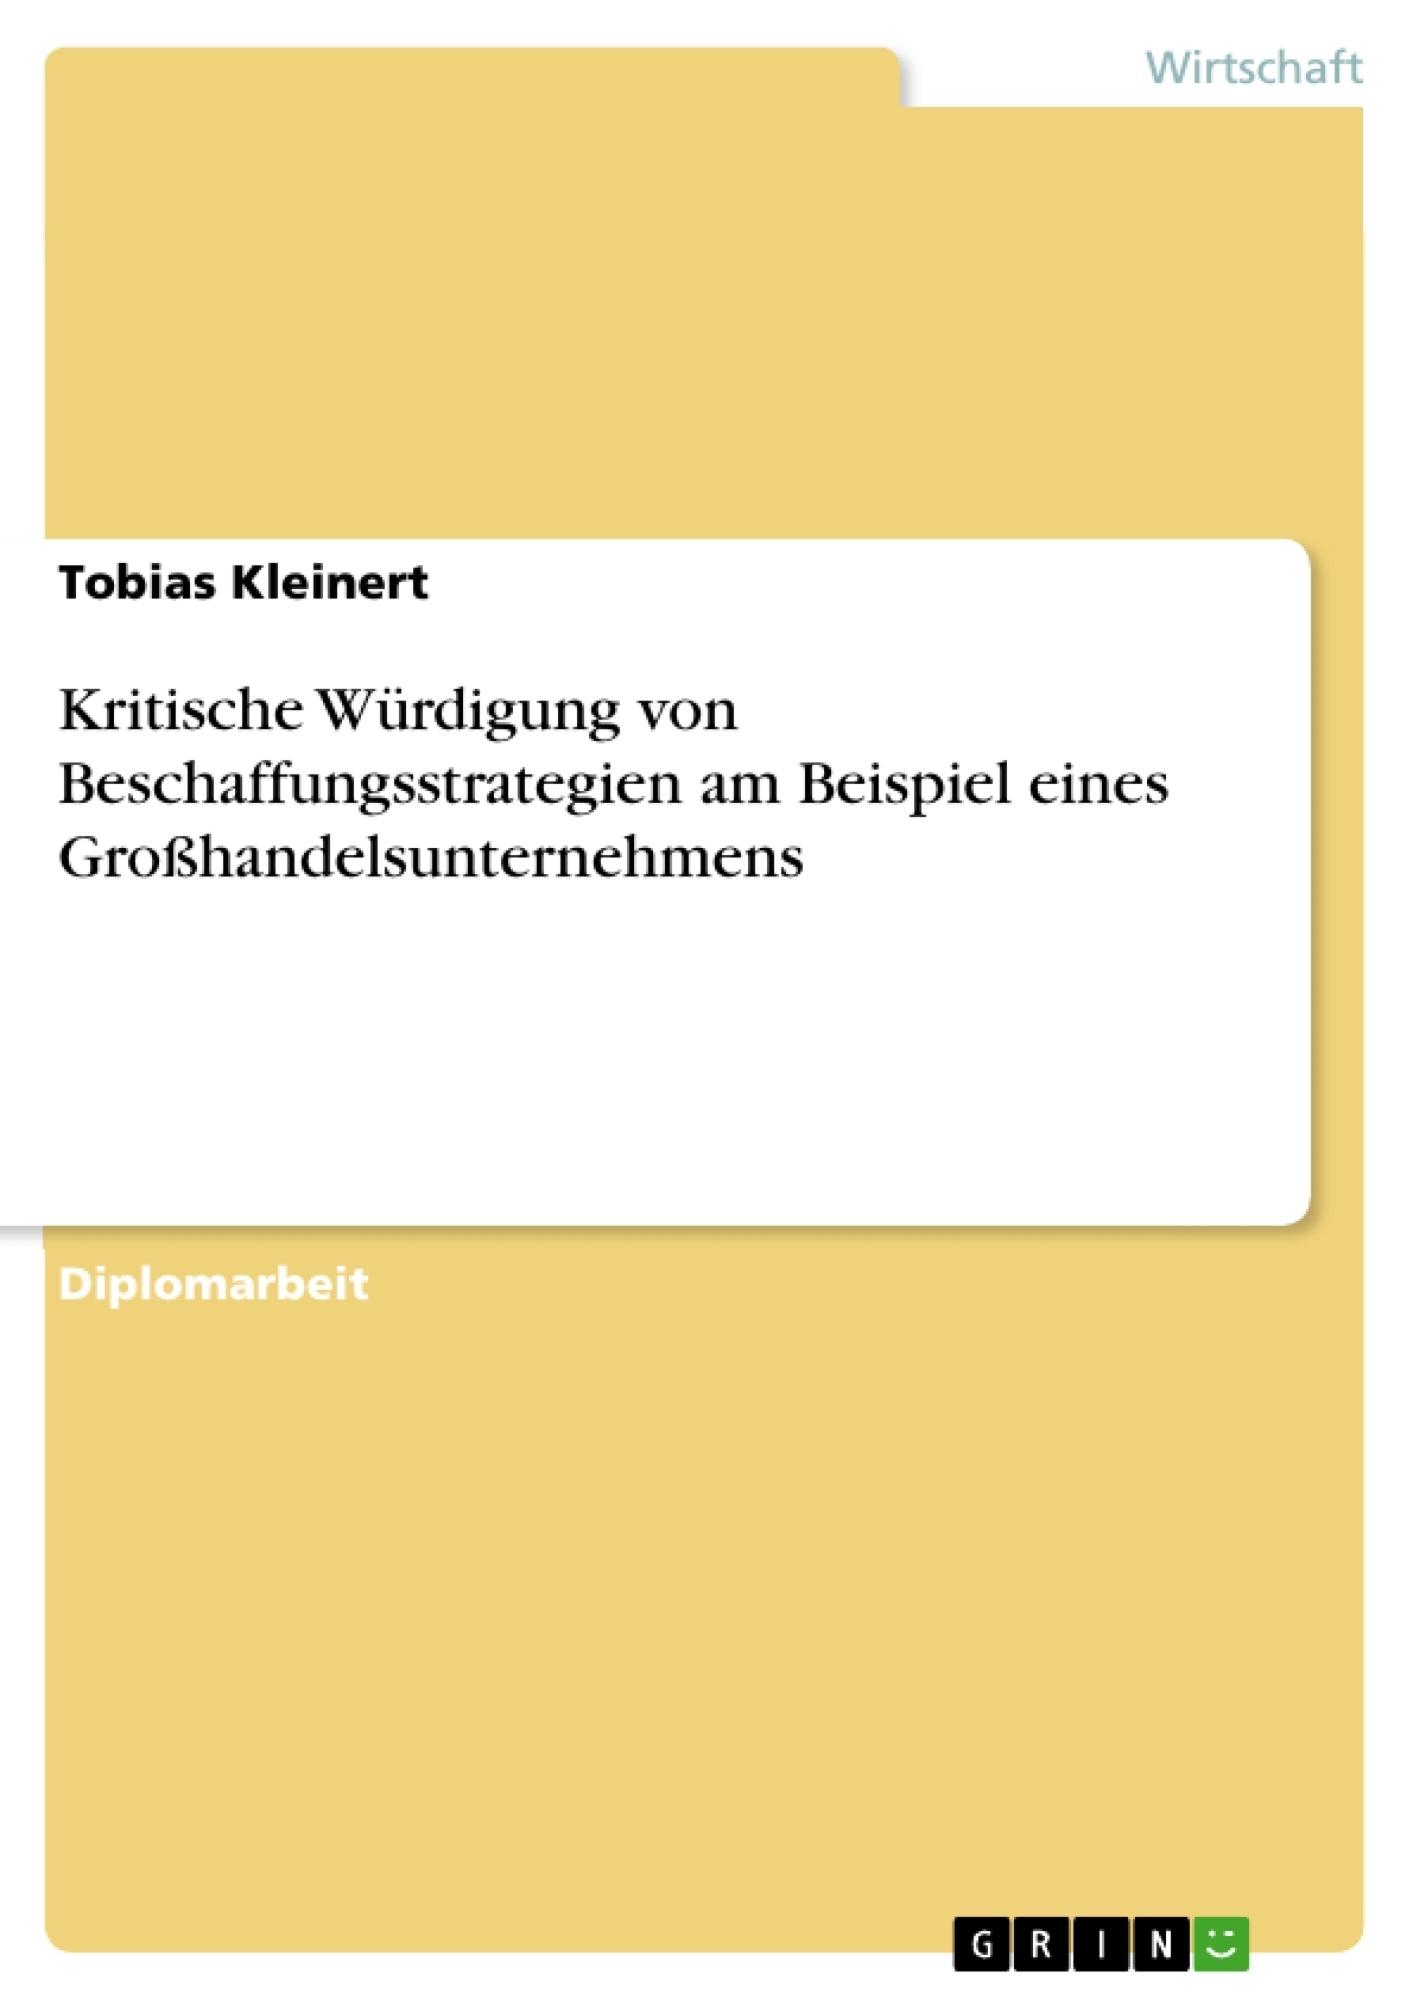 Titel: Kritische Würdigung von Beschaffungsstrategien am Beispiel eines Großhandelsunternehmens